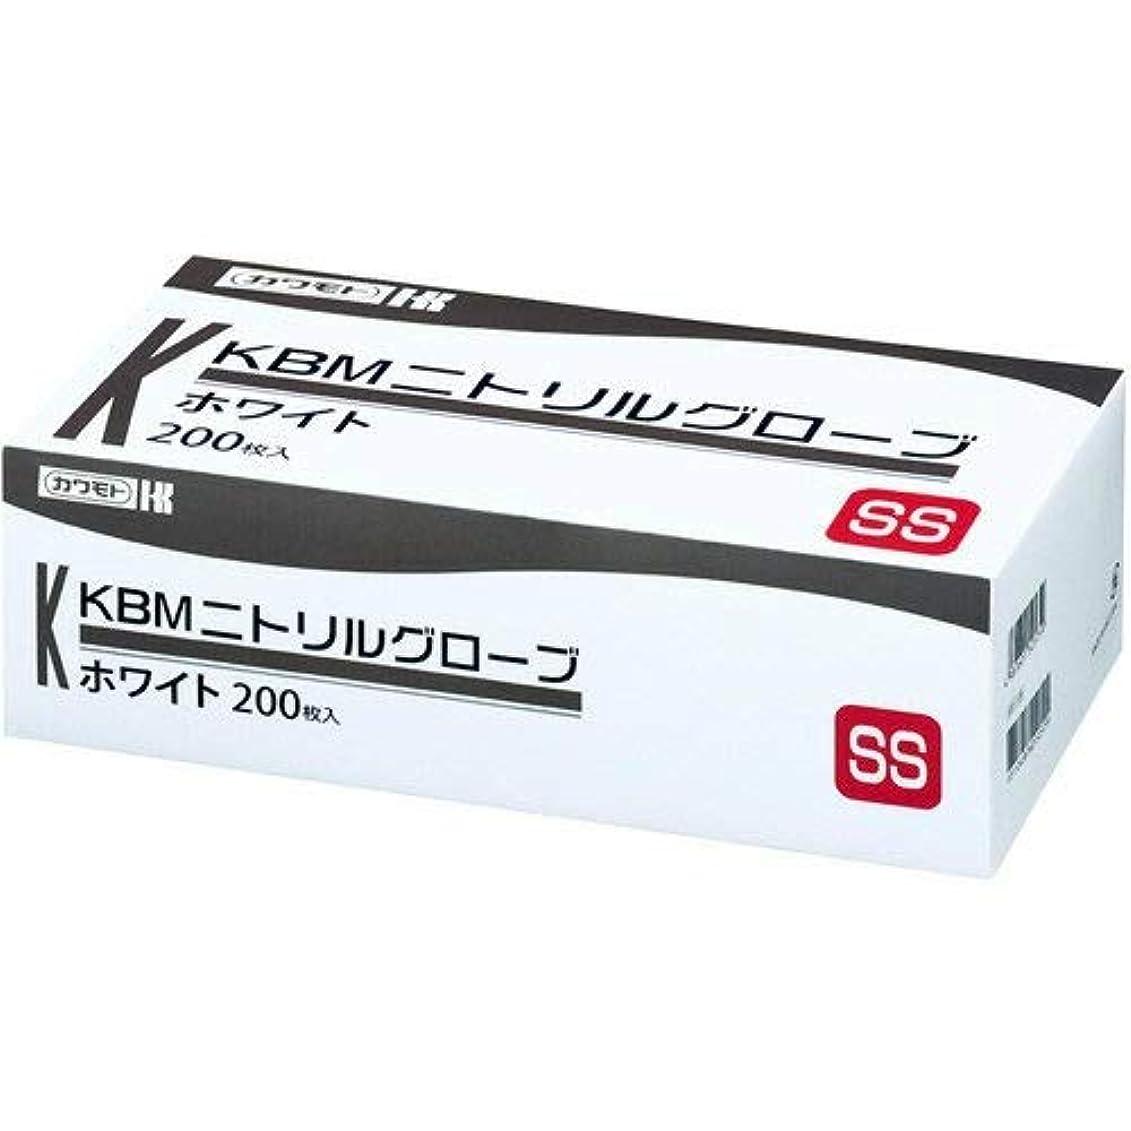 川本産業 カワモト ニトリルグローブ ホワイト SS 200枚入